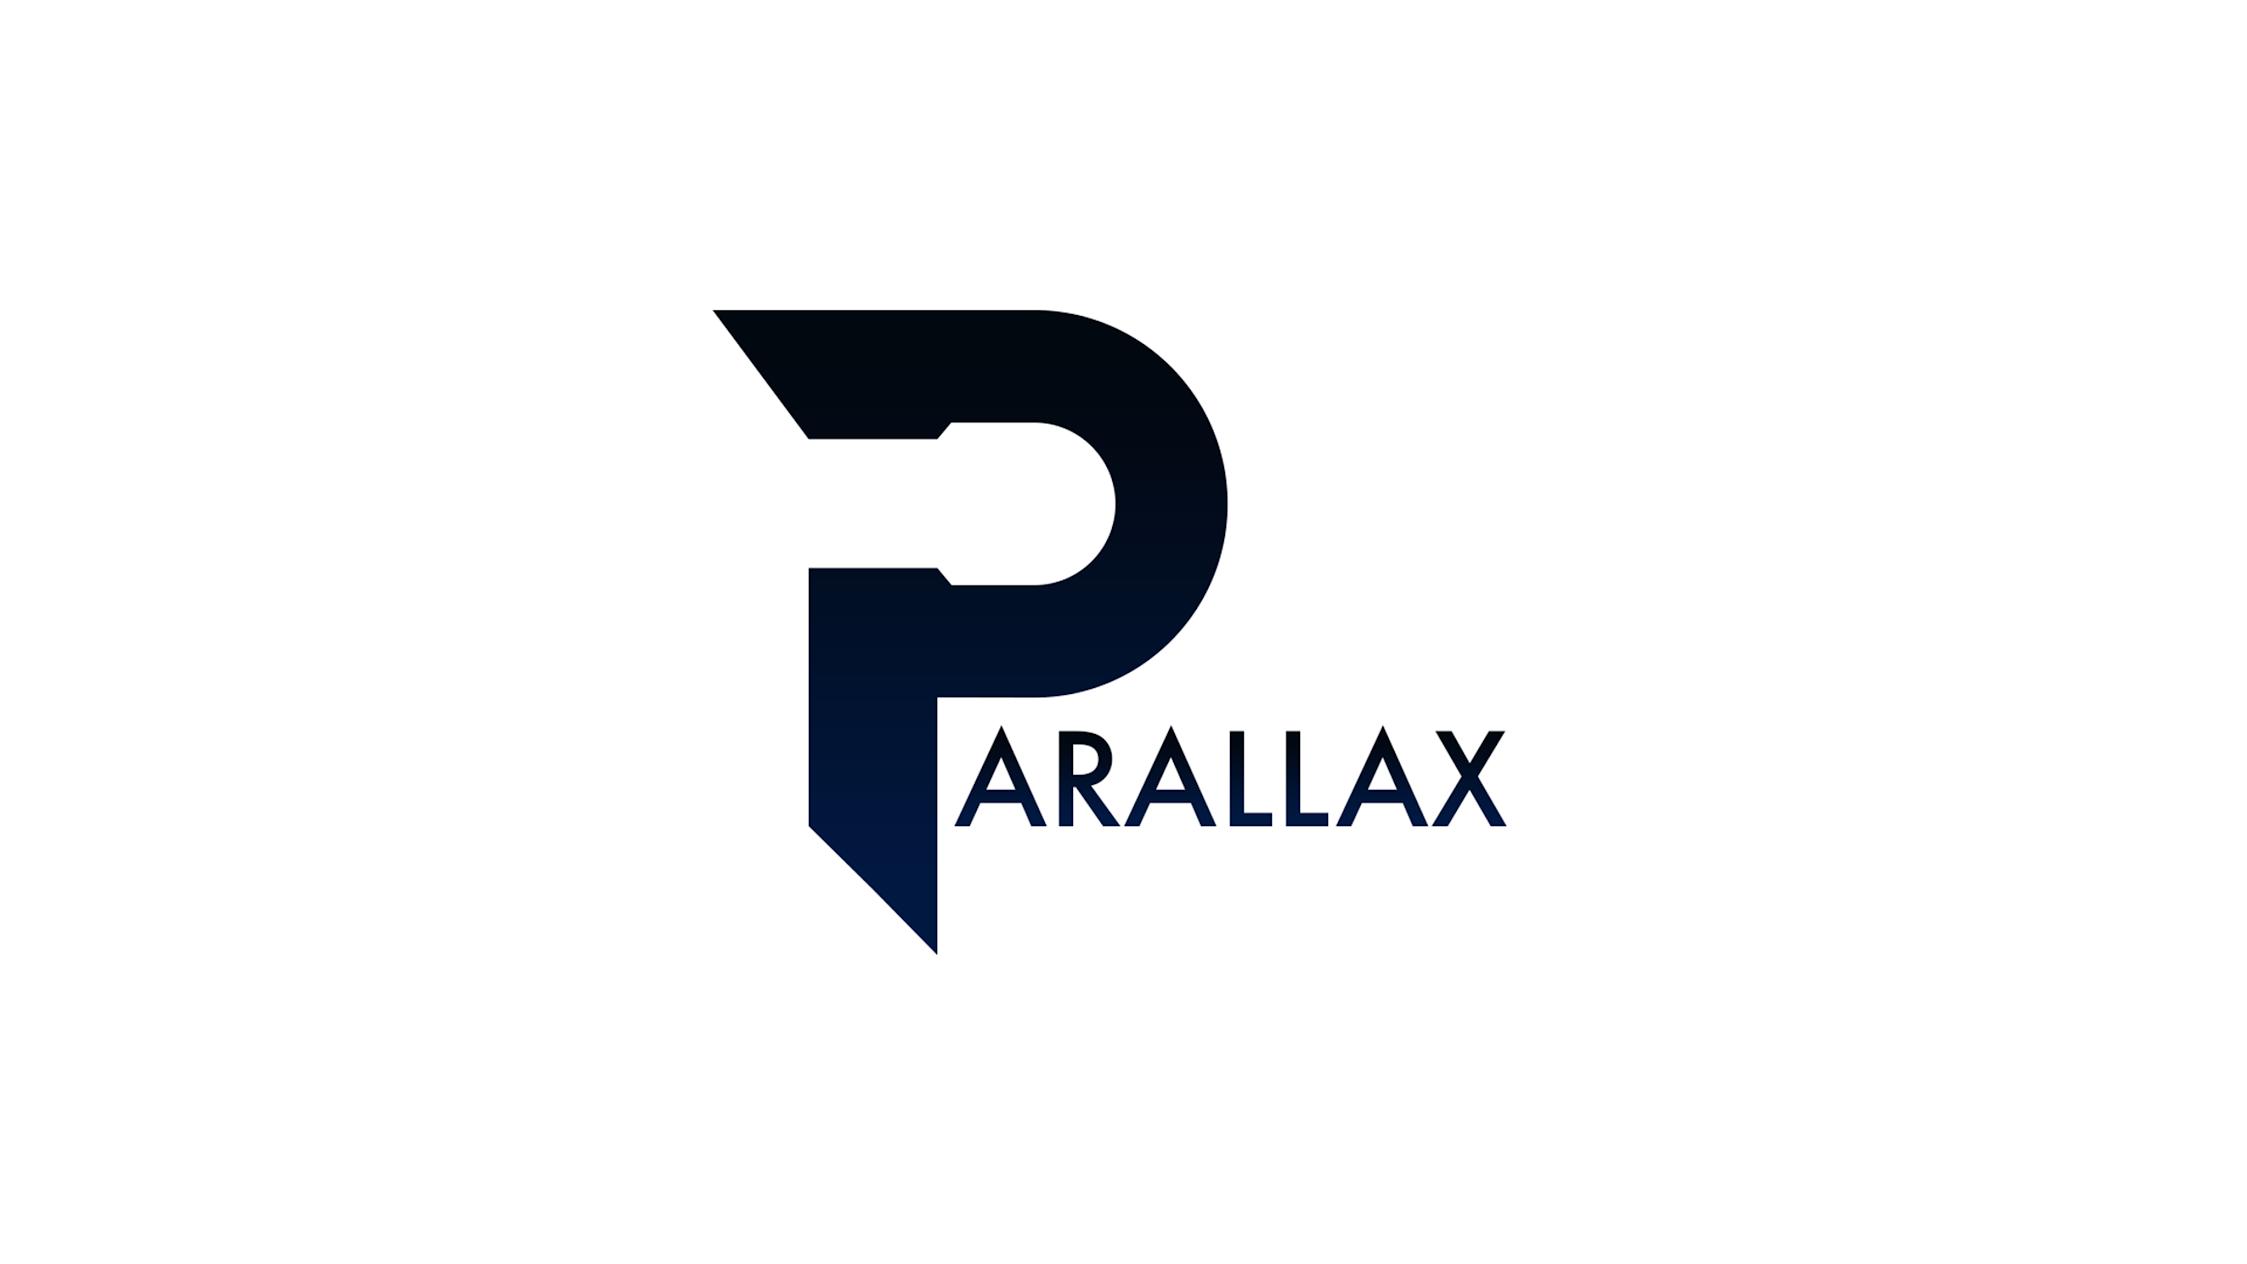 Parallax GFX